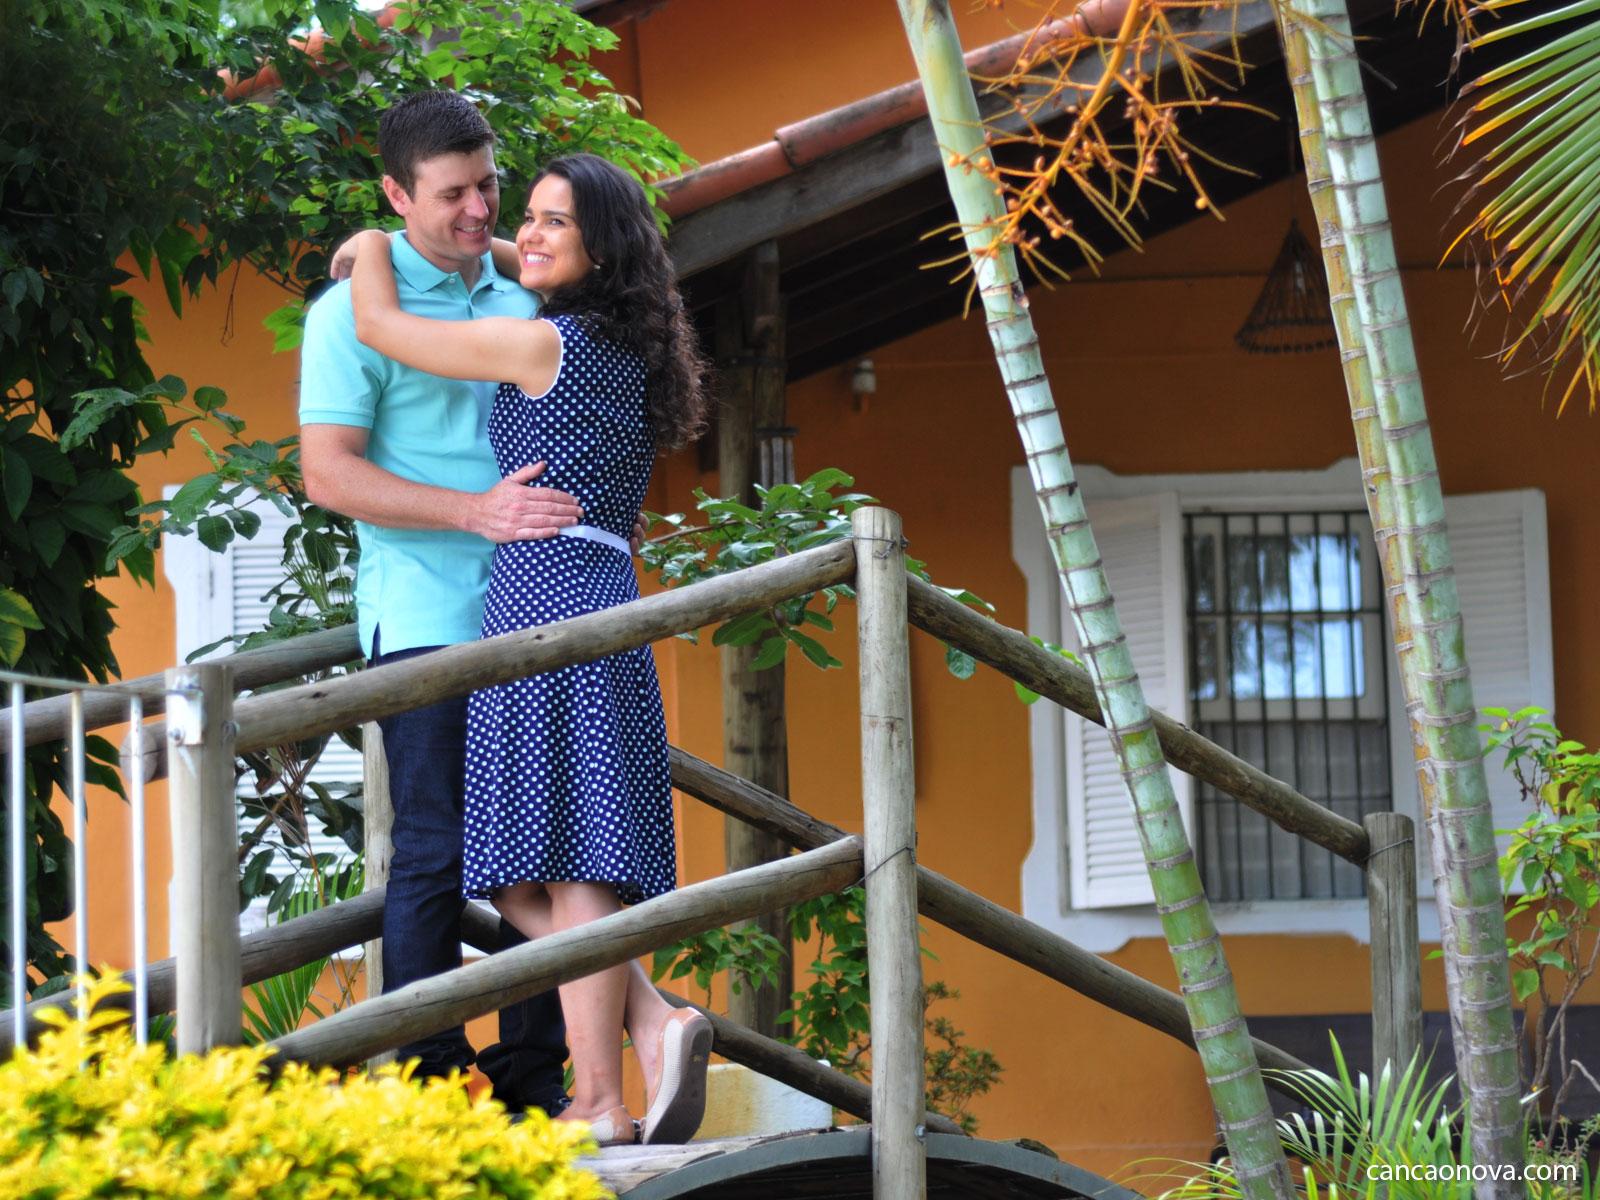 Namorar ou ficar qual é a melhor escolha para um bom relacionamento